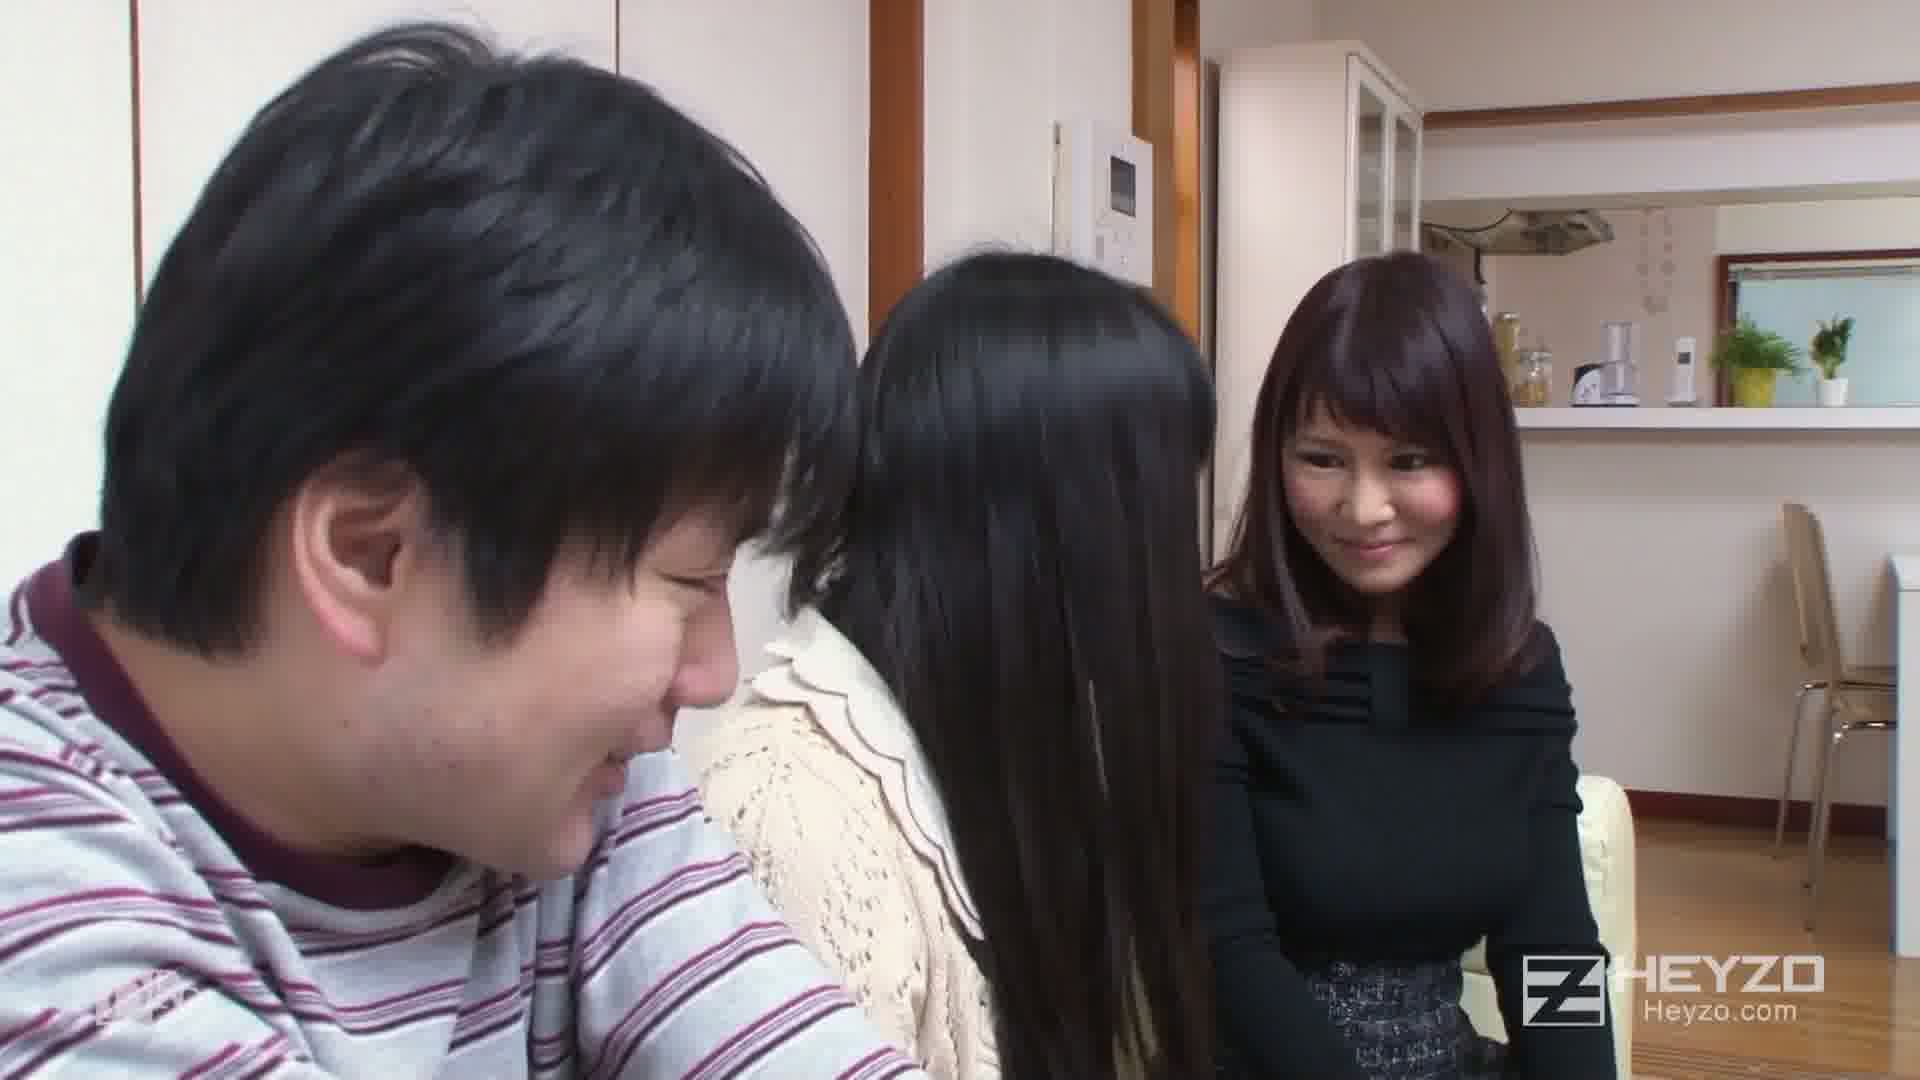 姉貴の爆乳女友達とルームシェア!~卑猥な共同生活~ - 木ノ花あみる【キス フェラ】